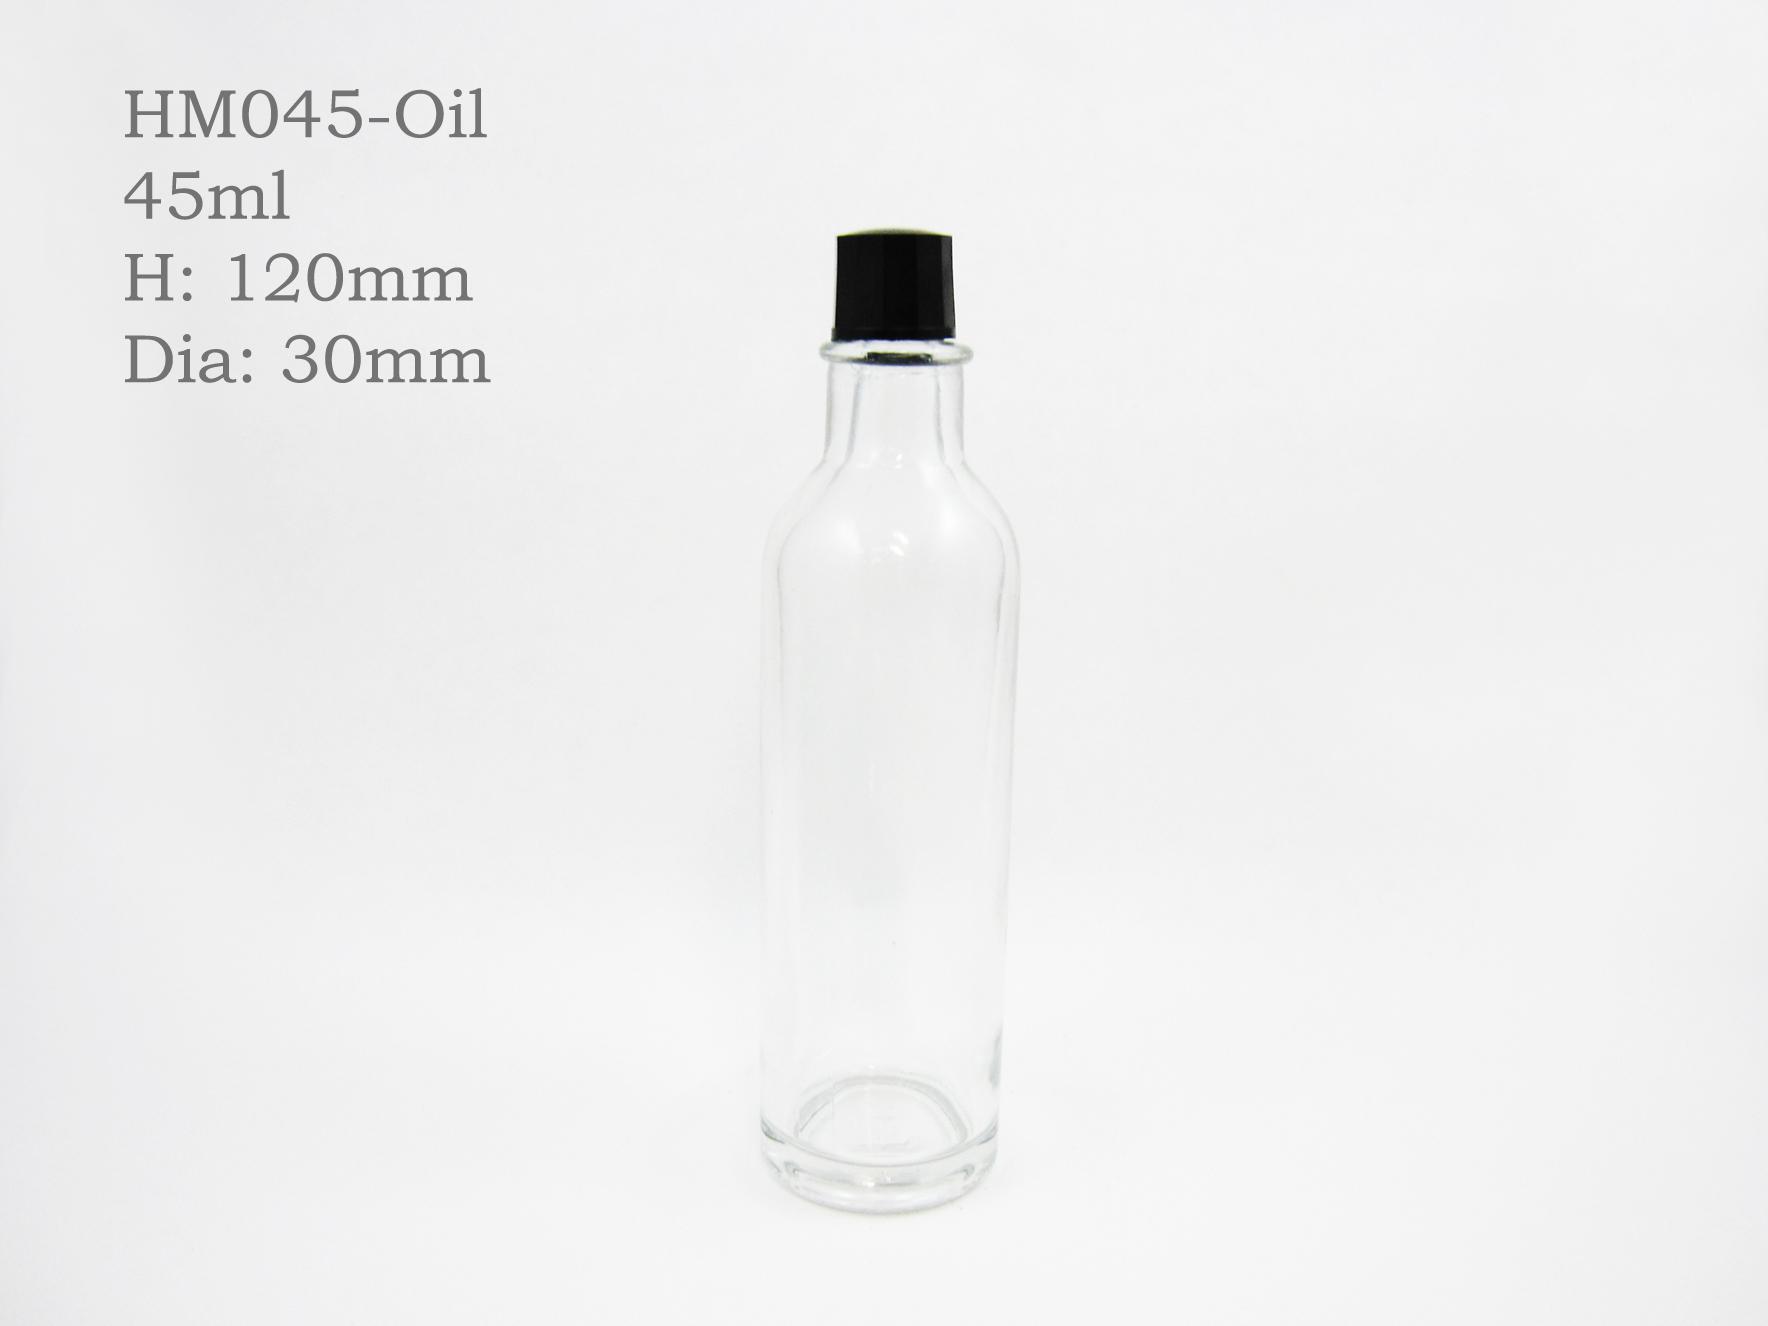 hm045_oil8